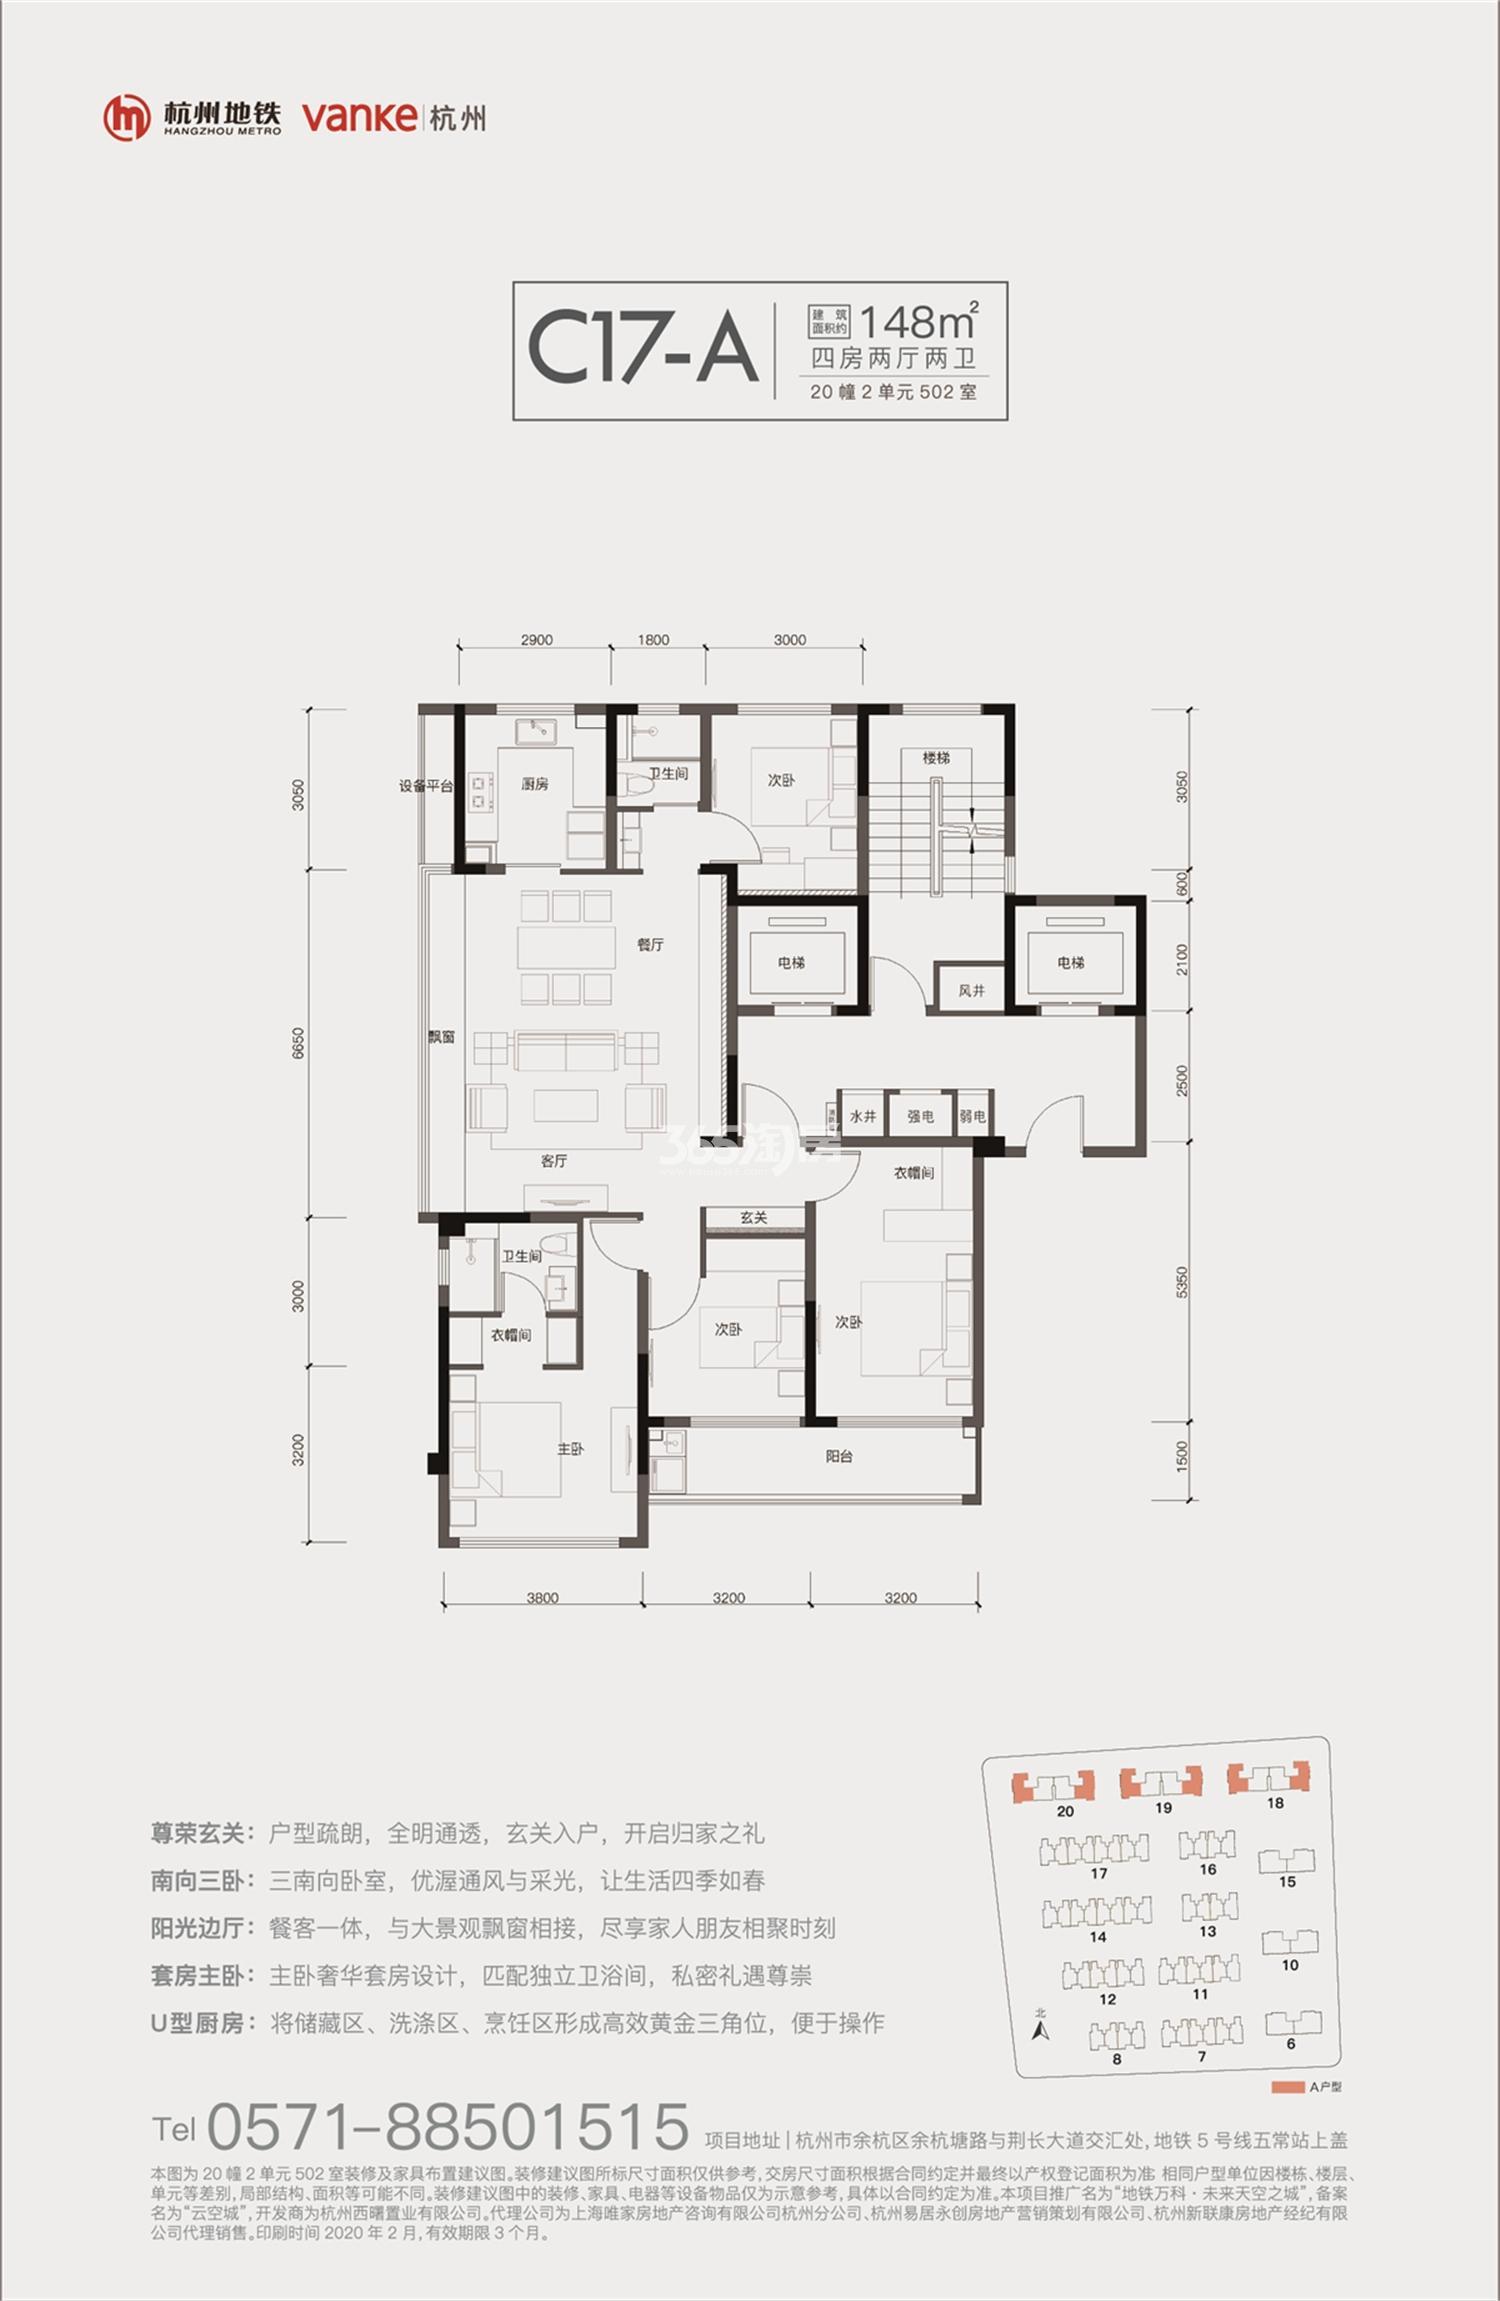 地铁万科未来天空之城一期盖下住宅高层18-20号楼边套C17-A户型 约148㎡